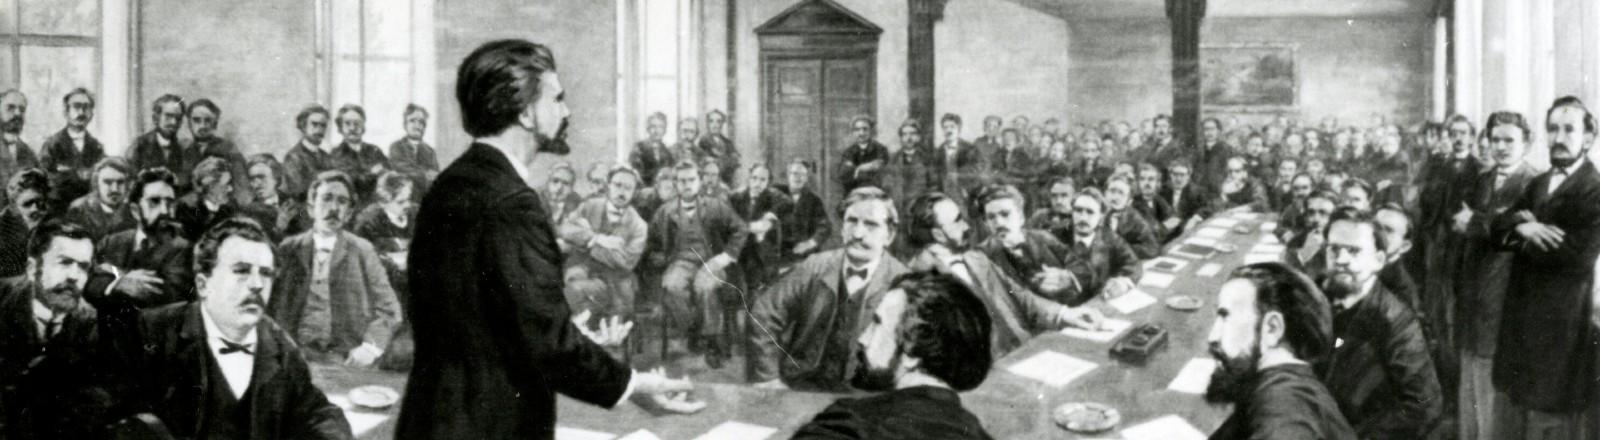 Gründung der SAP 1875. Eine Zeichnung mit vielen Männern in einem Saal.